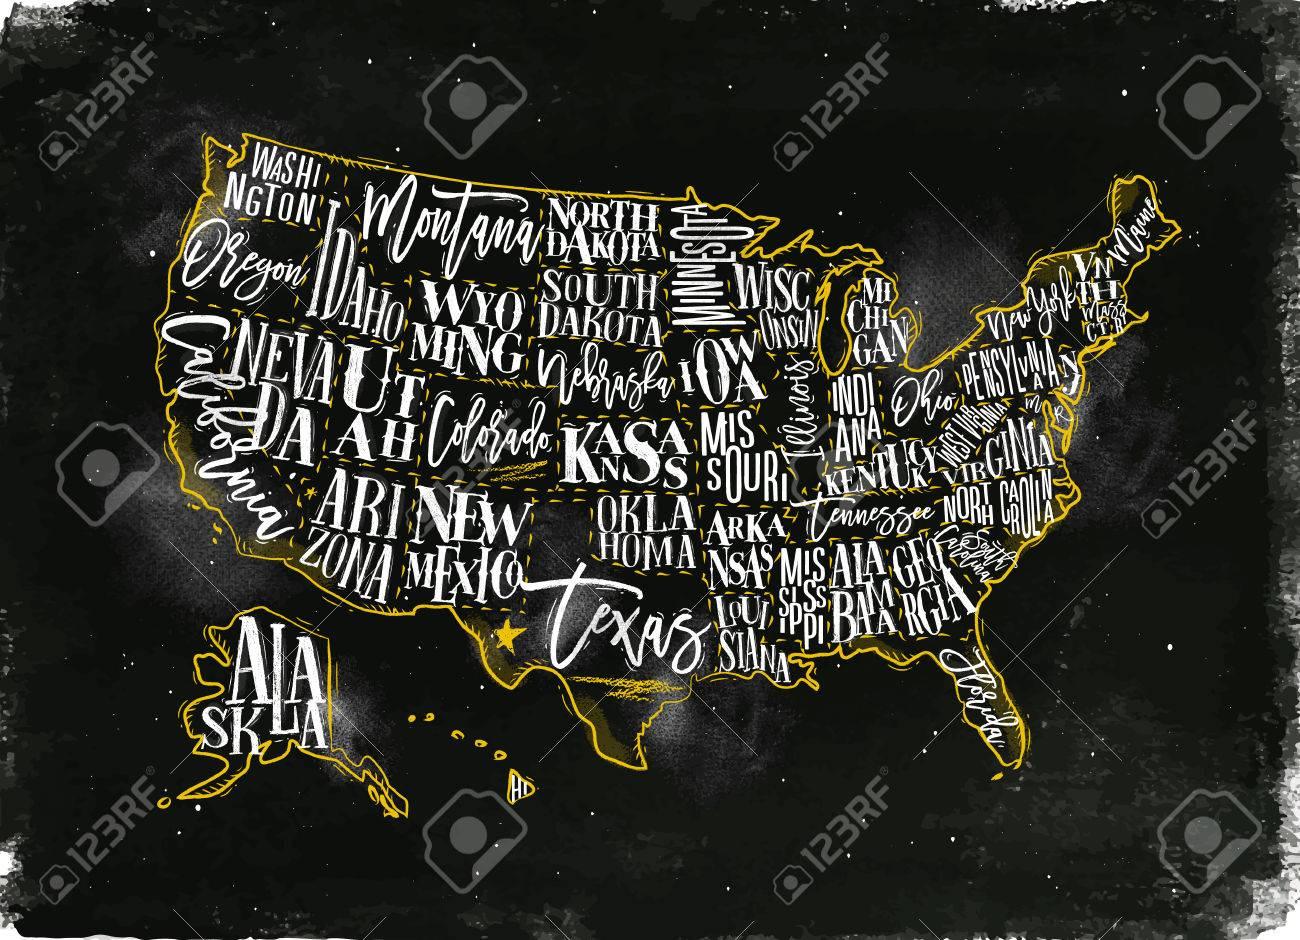 Vintage Usa Mapa Con Estados Inscripcion California Florida Washington Texas Nueva York Kansas Nevada Tennessy Missouri Arizona Illinois Oregon Louisiana Dibujo Con Tiza Y Amarillo Ilustraciones Vectoriales Clip Art Vectorizado Libre De